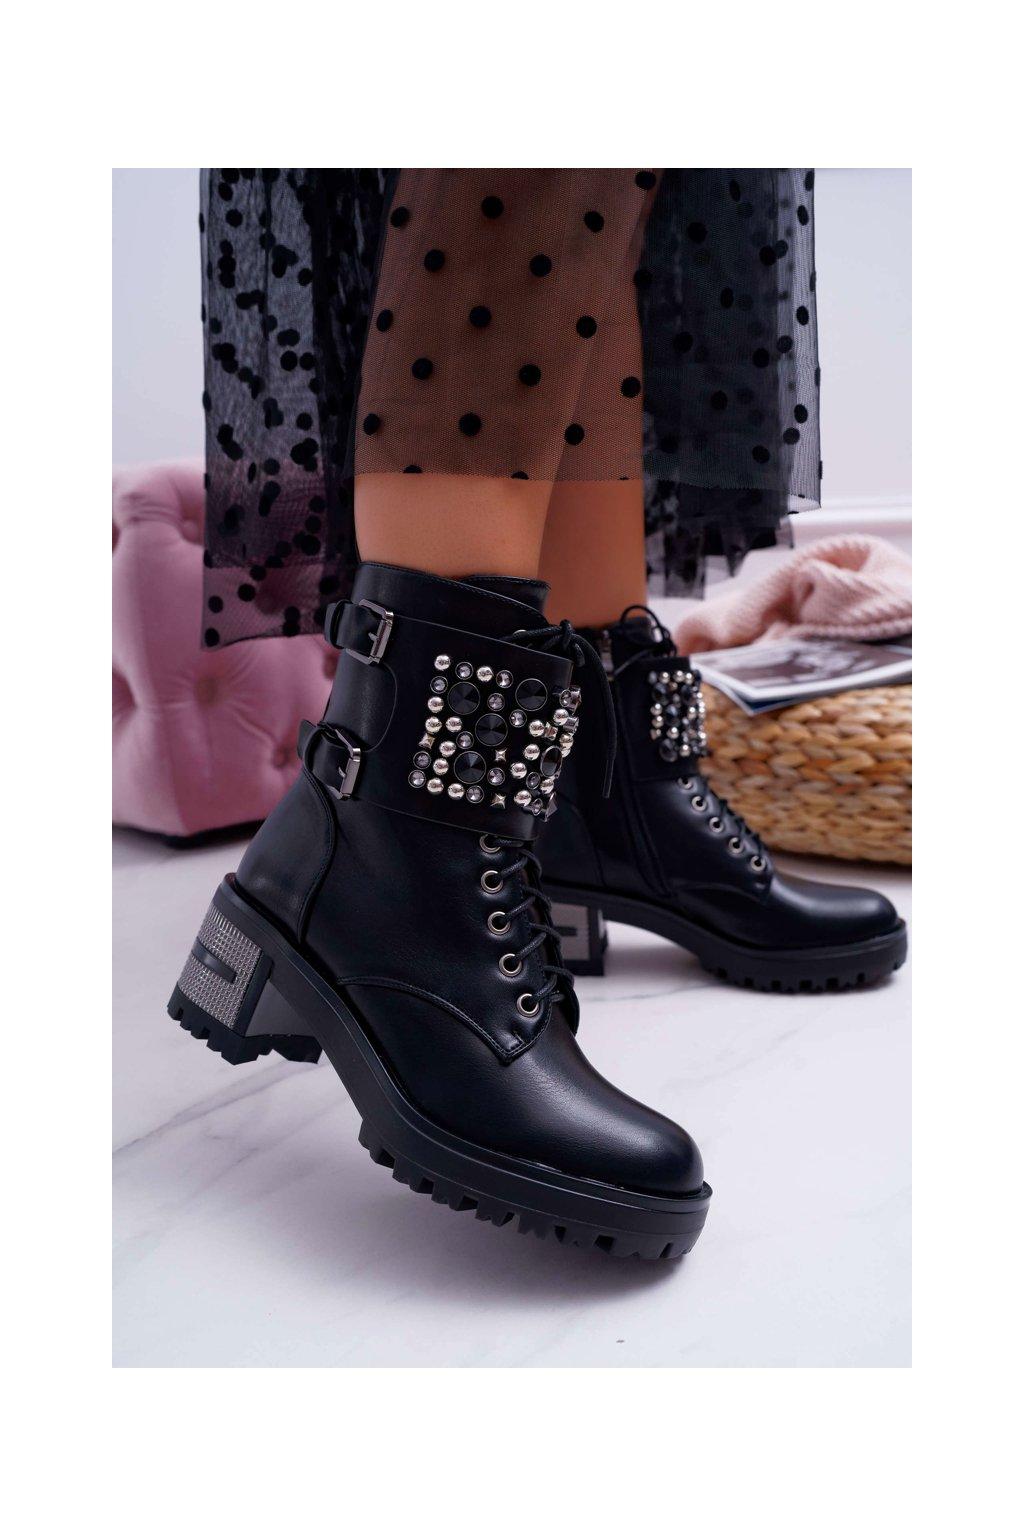 Dámske členkové topánky topánky s Klopou čierne Infinity